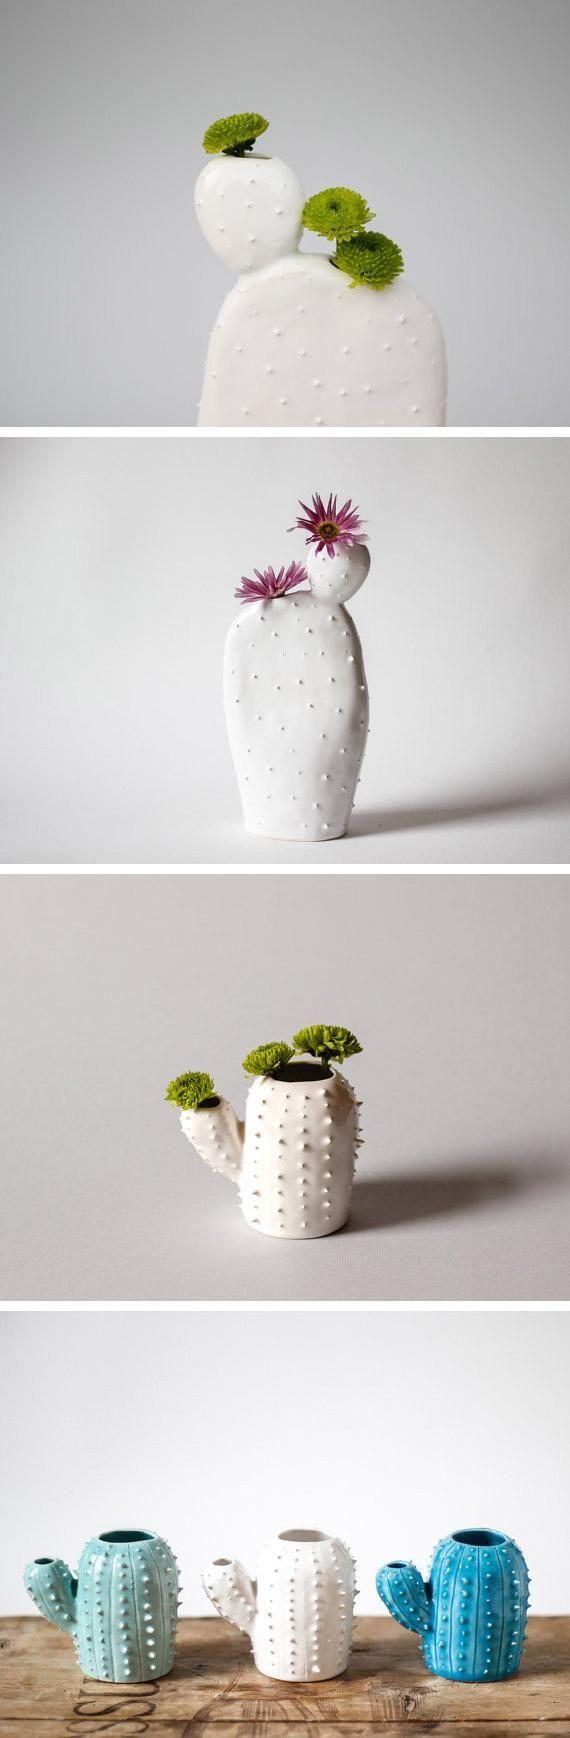 Macetas cactus